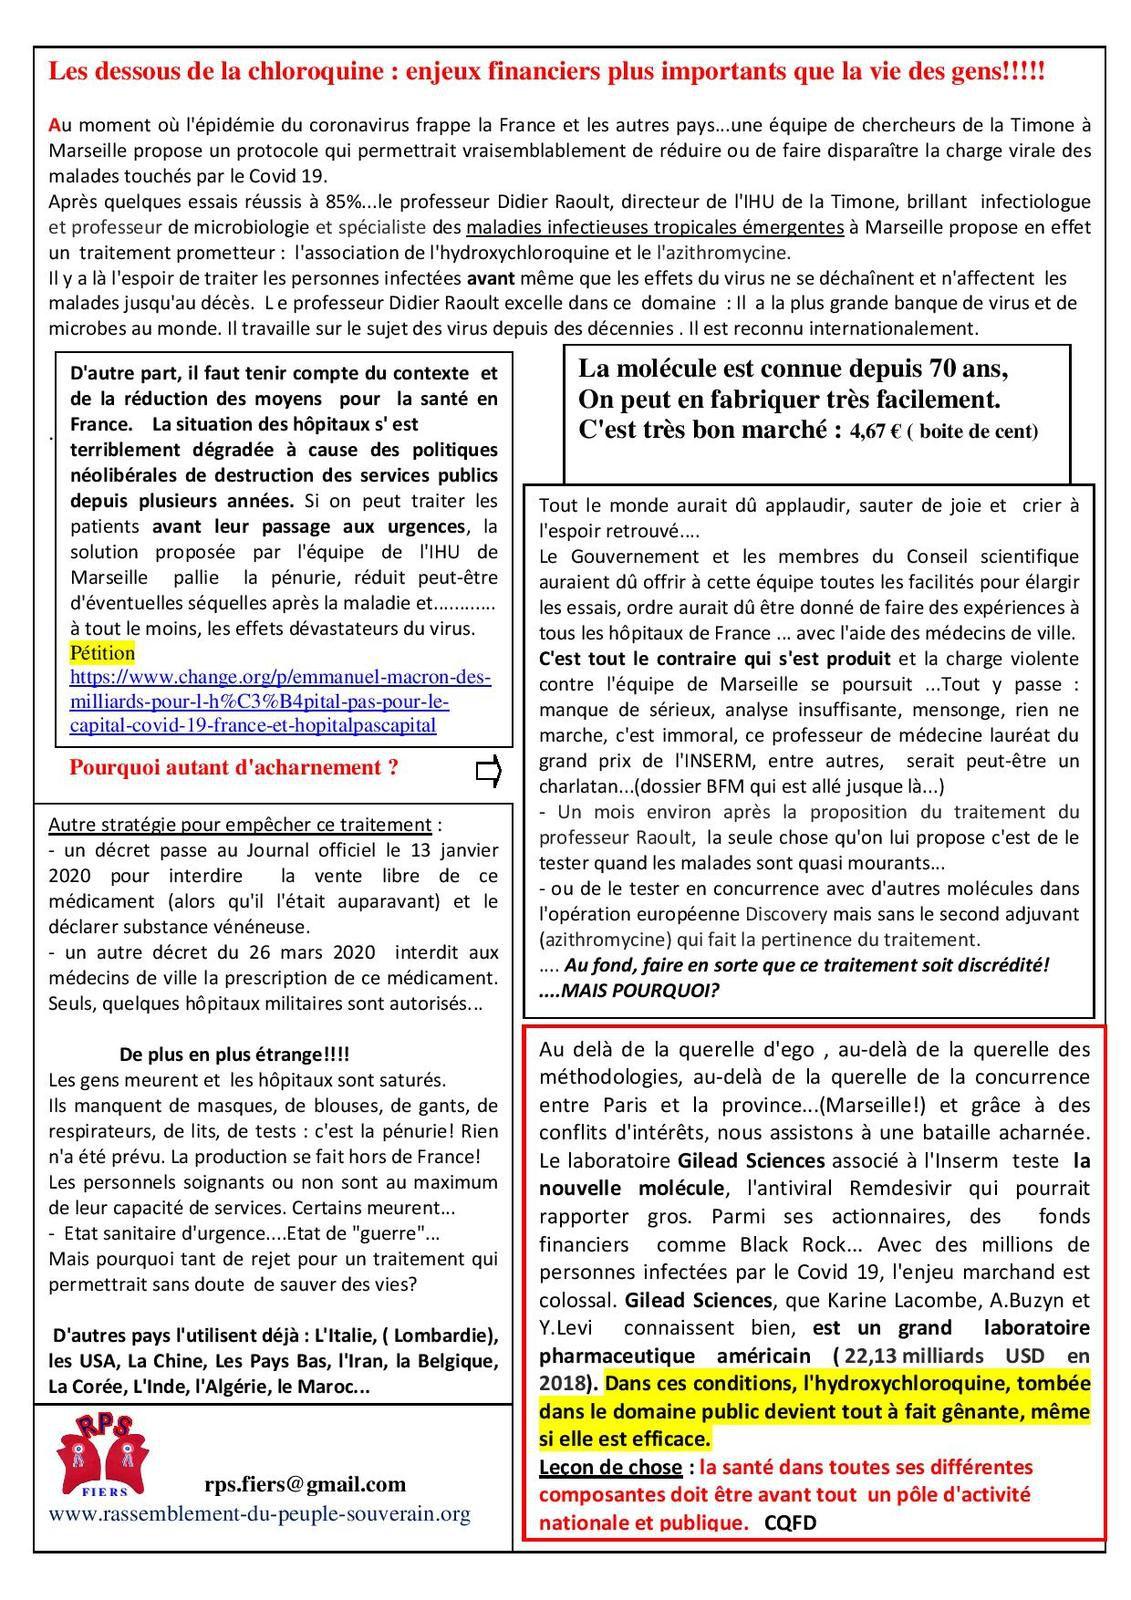 Les dessous de la Chloroquine : enjeux financiers plus importants que la vie des gens ! [ Rassemblement du peuple souverain]